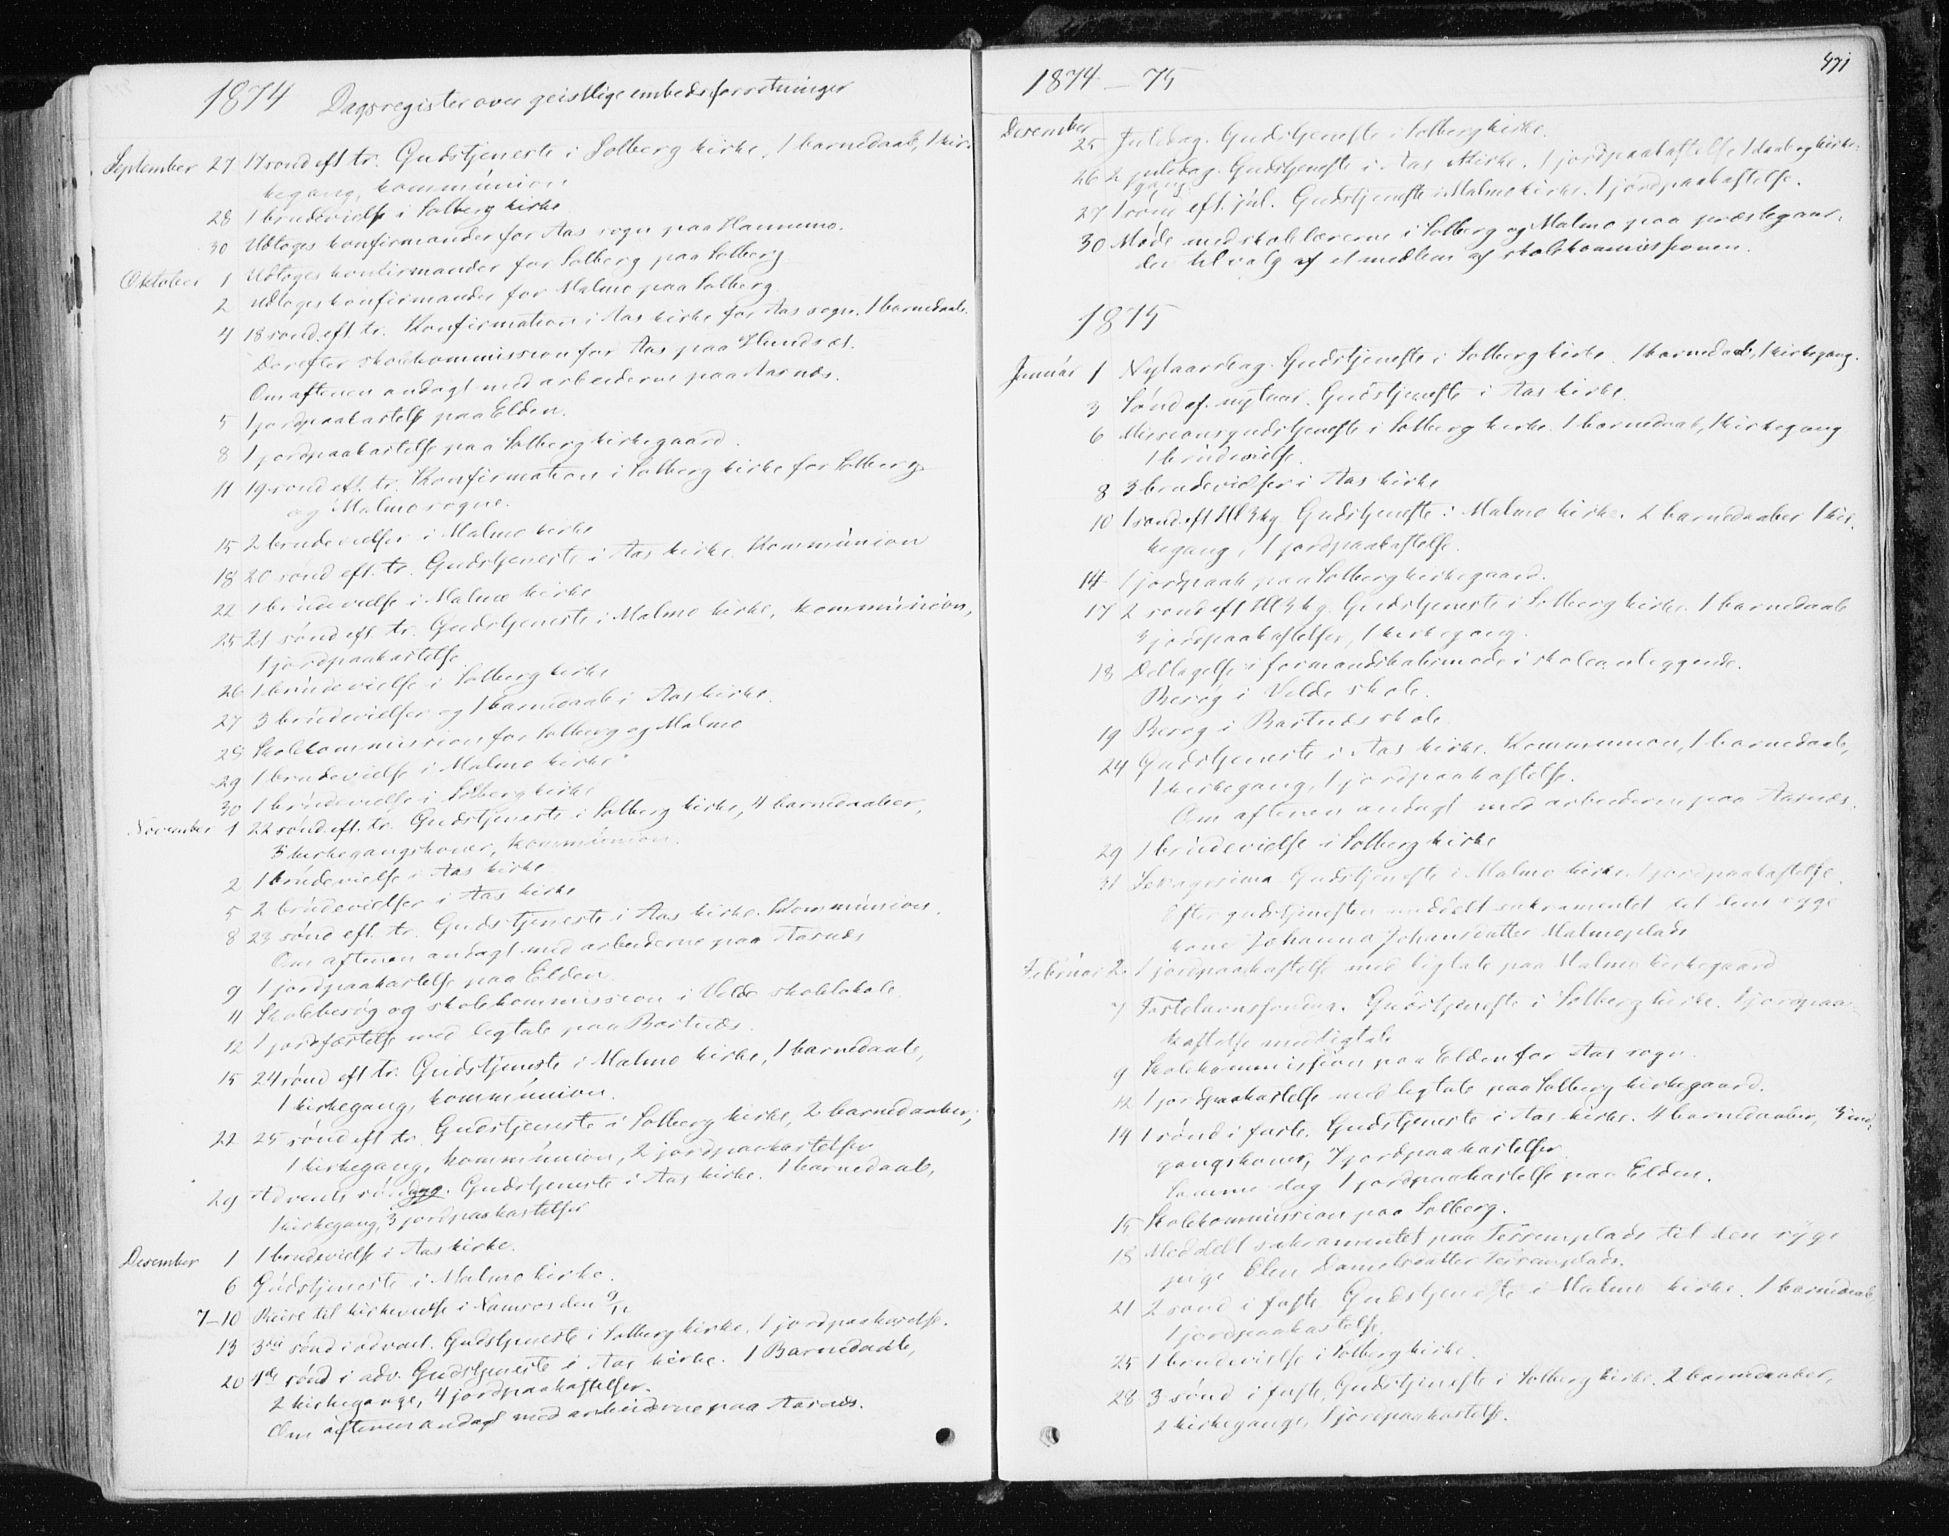 SAT, Ministerialprotokoller, klokkerbøker og fødselsregistre - Nord-Trøndelag, 741/L0394: Ministerialbok nr. 741A08, 1864-1877, s. 471